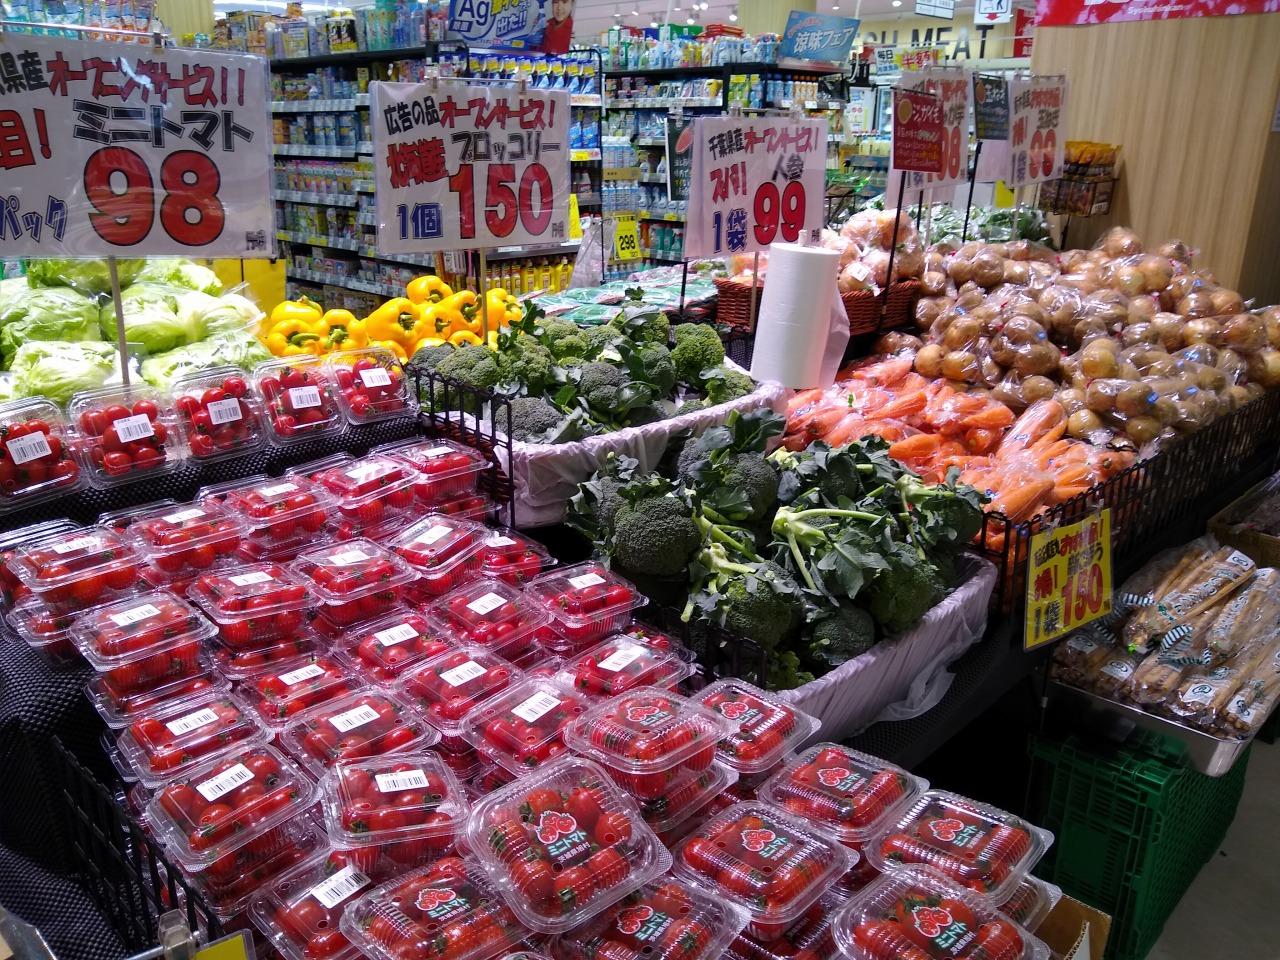 綱島街道クリエイトの生鮮食品